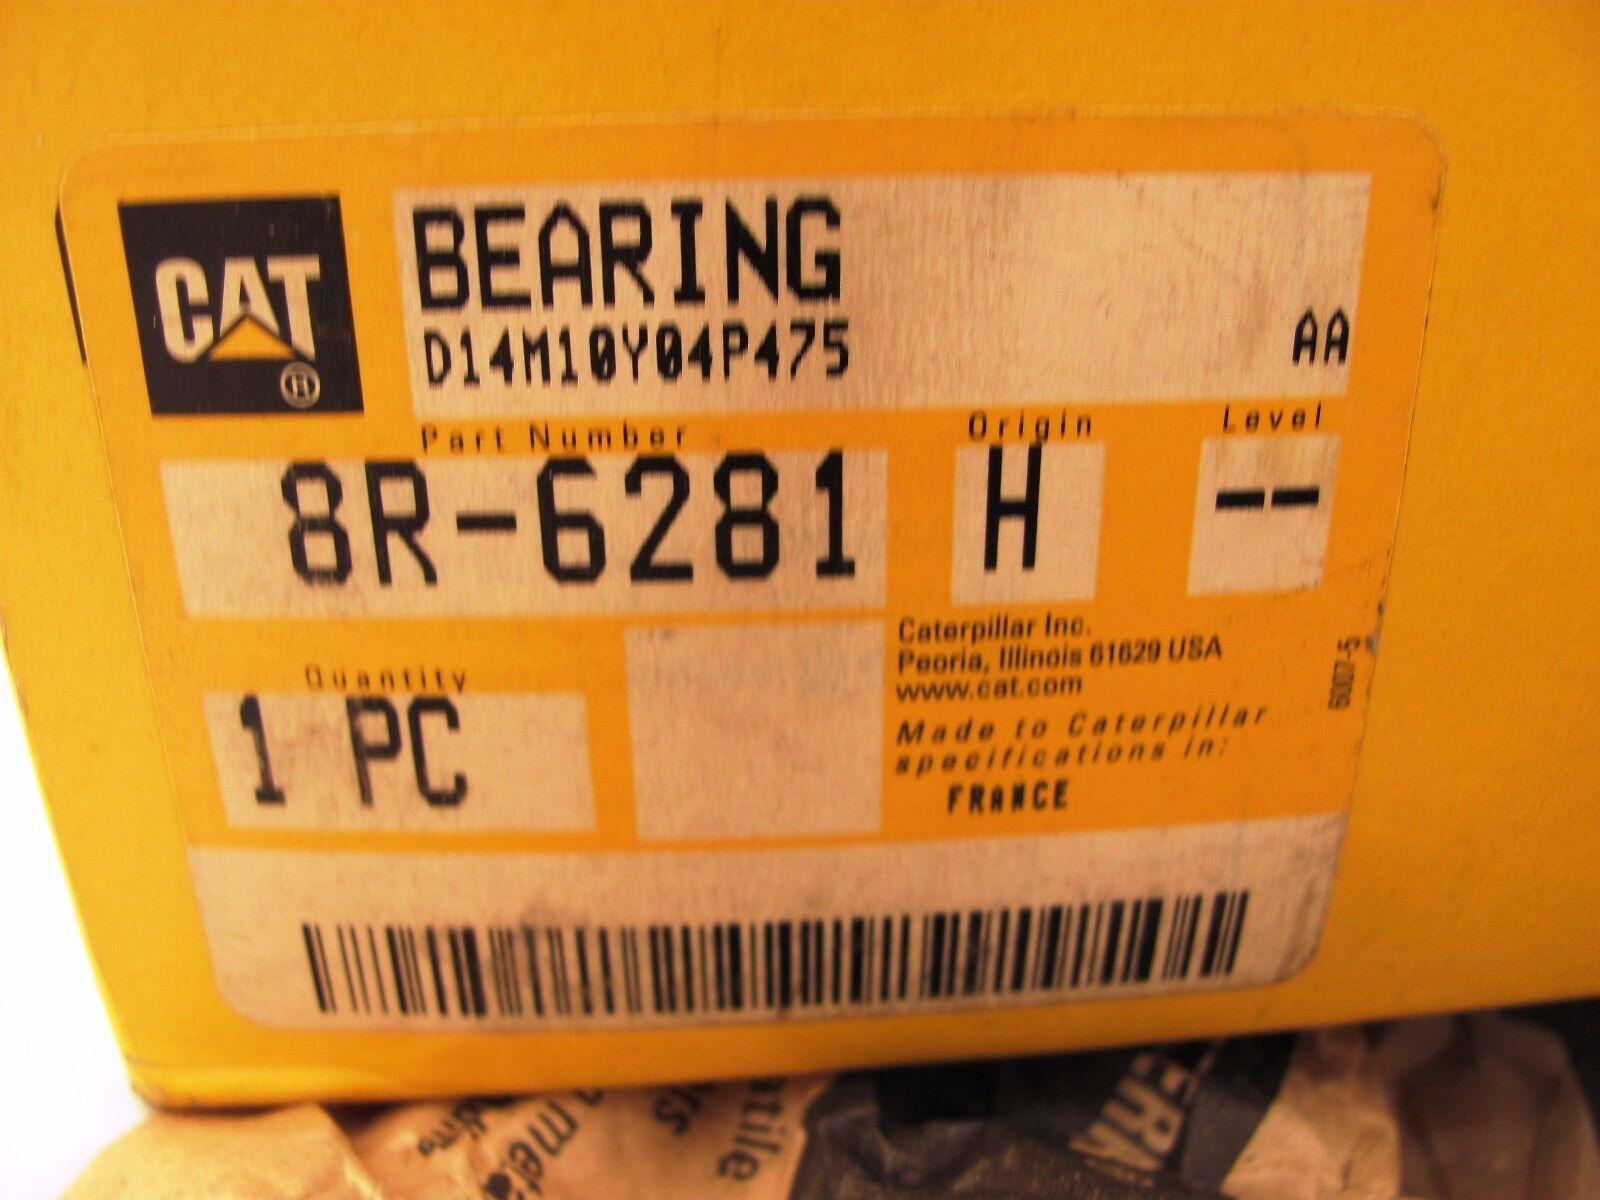 6V8105 CAT BEARING-ALIGNING 9J9812 3Y9886 for Caterpillar